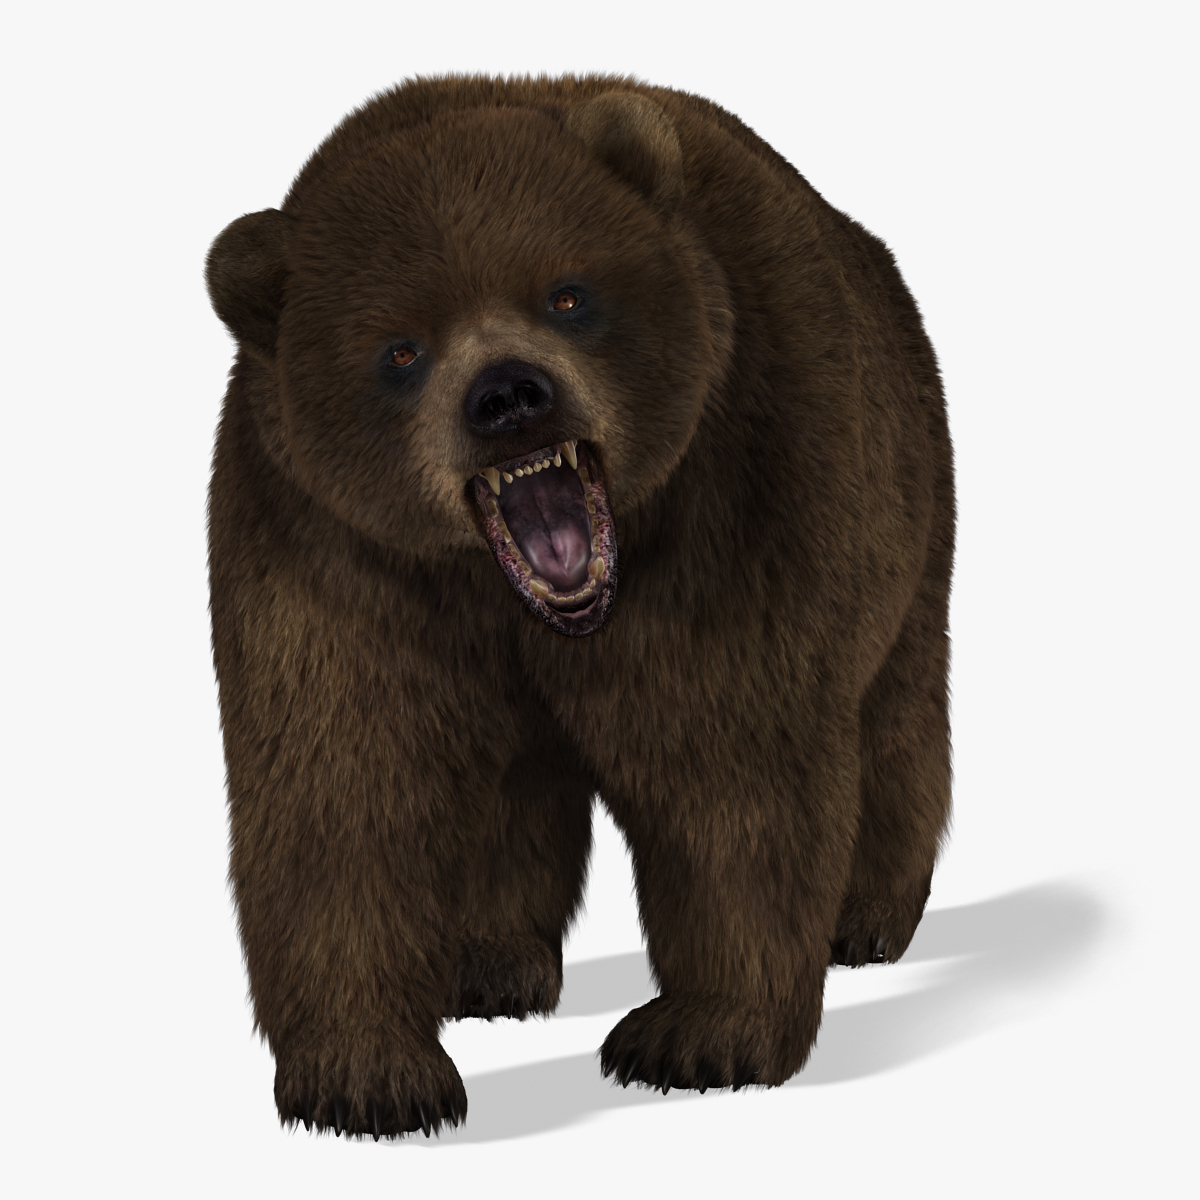 bear fur animation 3d